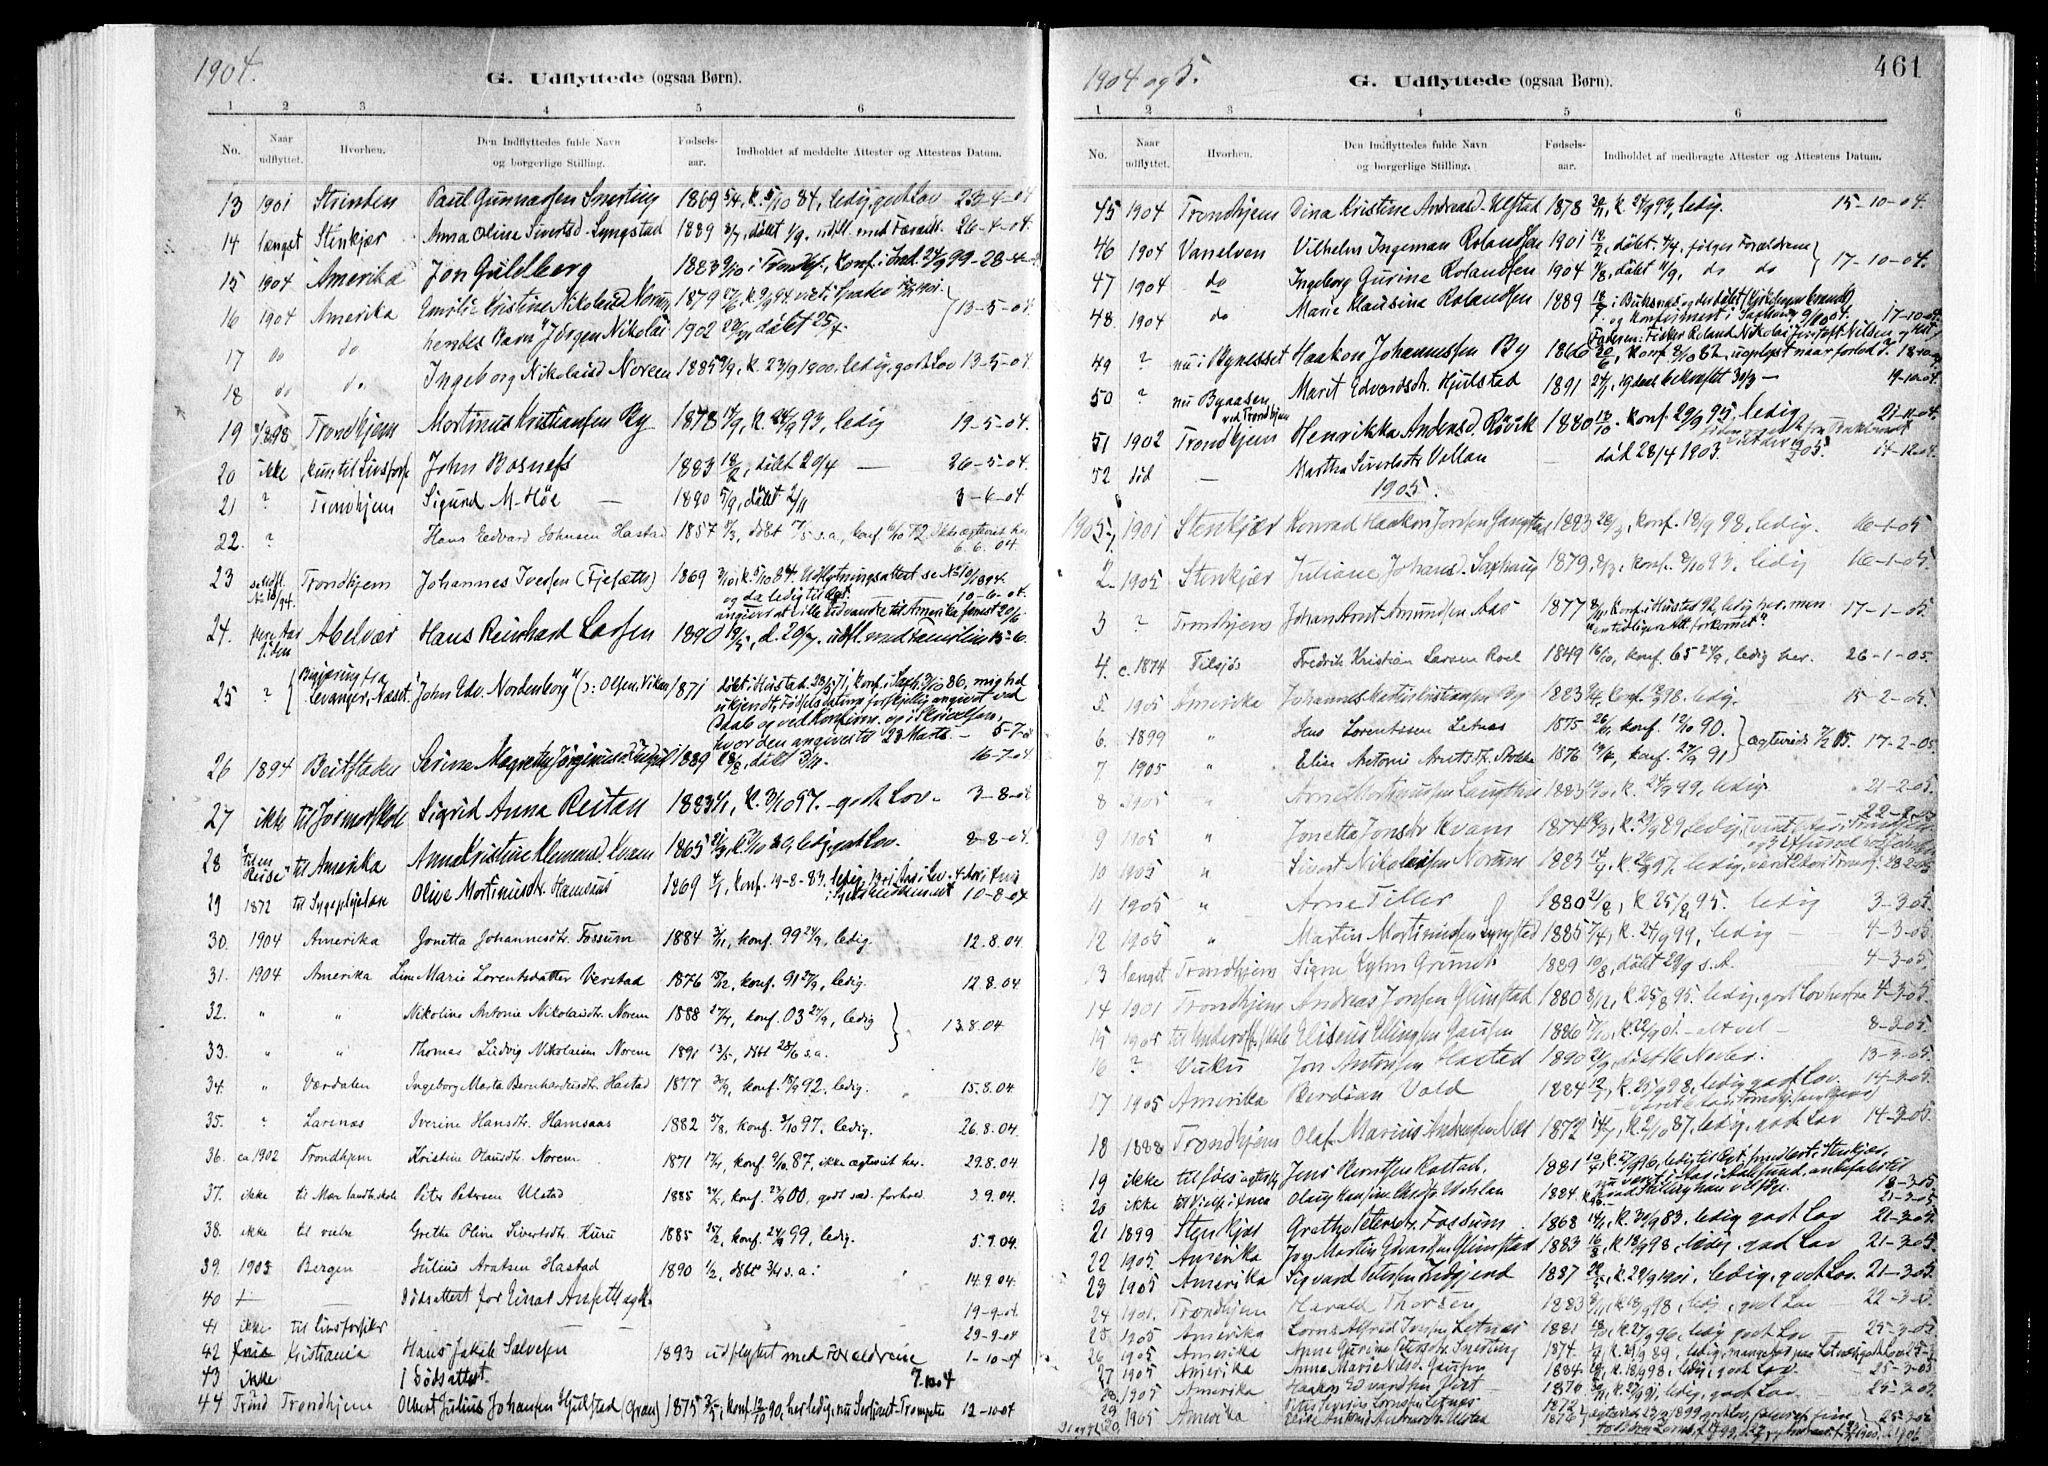 SAT, Ministerialprotokoller, klokkerbøker og fødselsregistre - Nord-Trøndelag, 730/L0285: Ministerialbok nr. 730A10, 1879-1914, s. 461